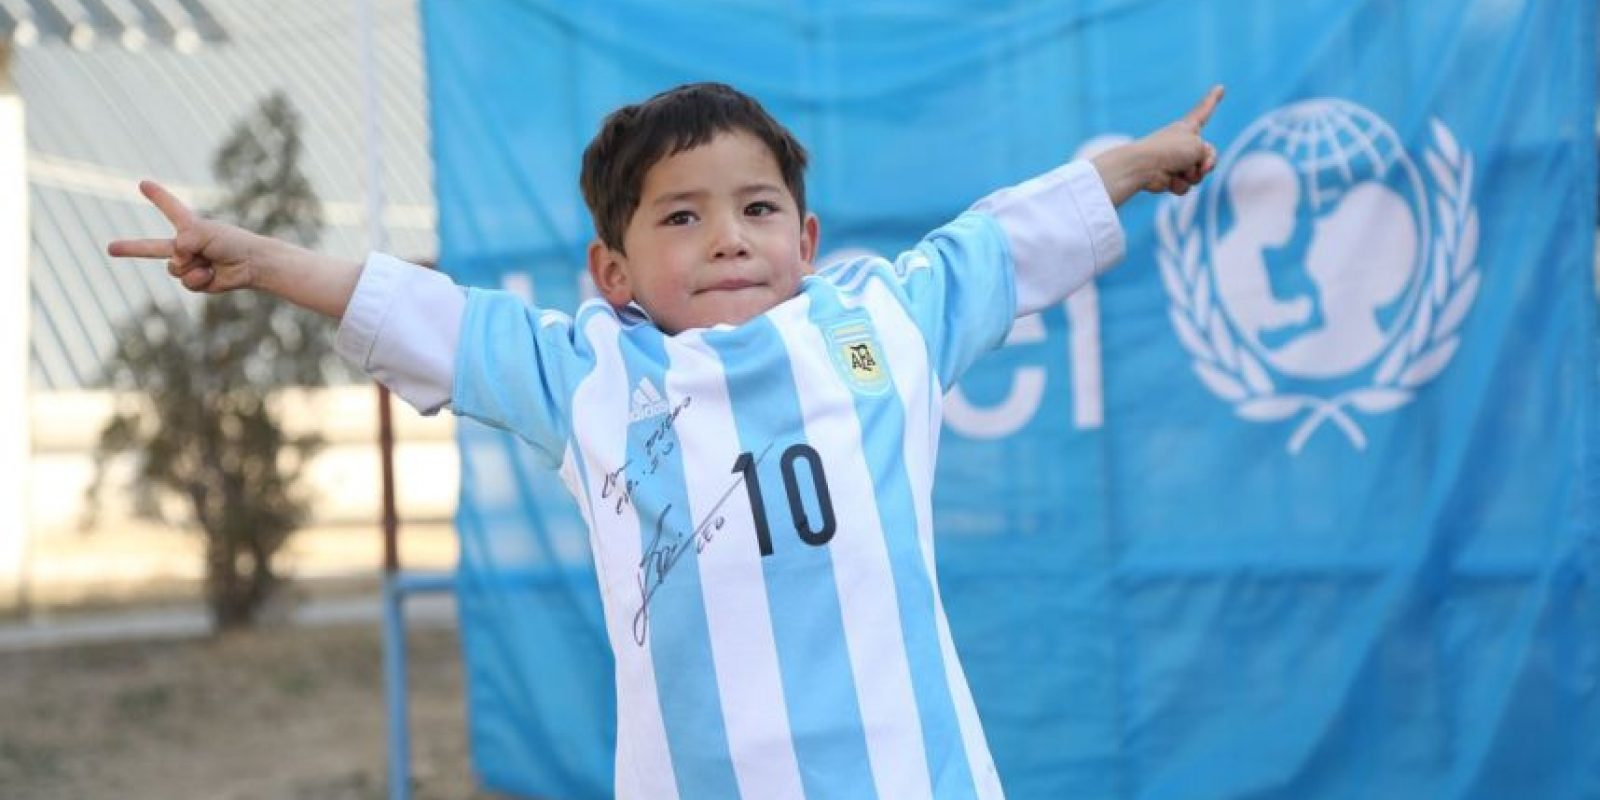 Se trata del niño afgano que se hizo famoso por llevar la camiseta de Lionel Messi hecha de una bolsa de plástico. Foto:Vía twitter.com/UNICEFargentina. Imagen Por: